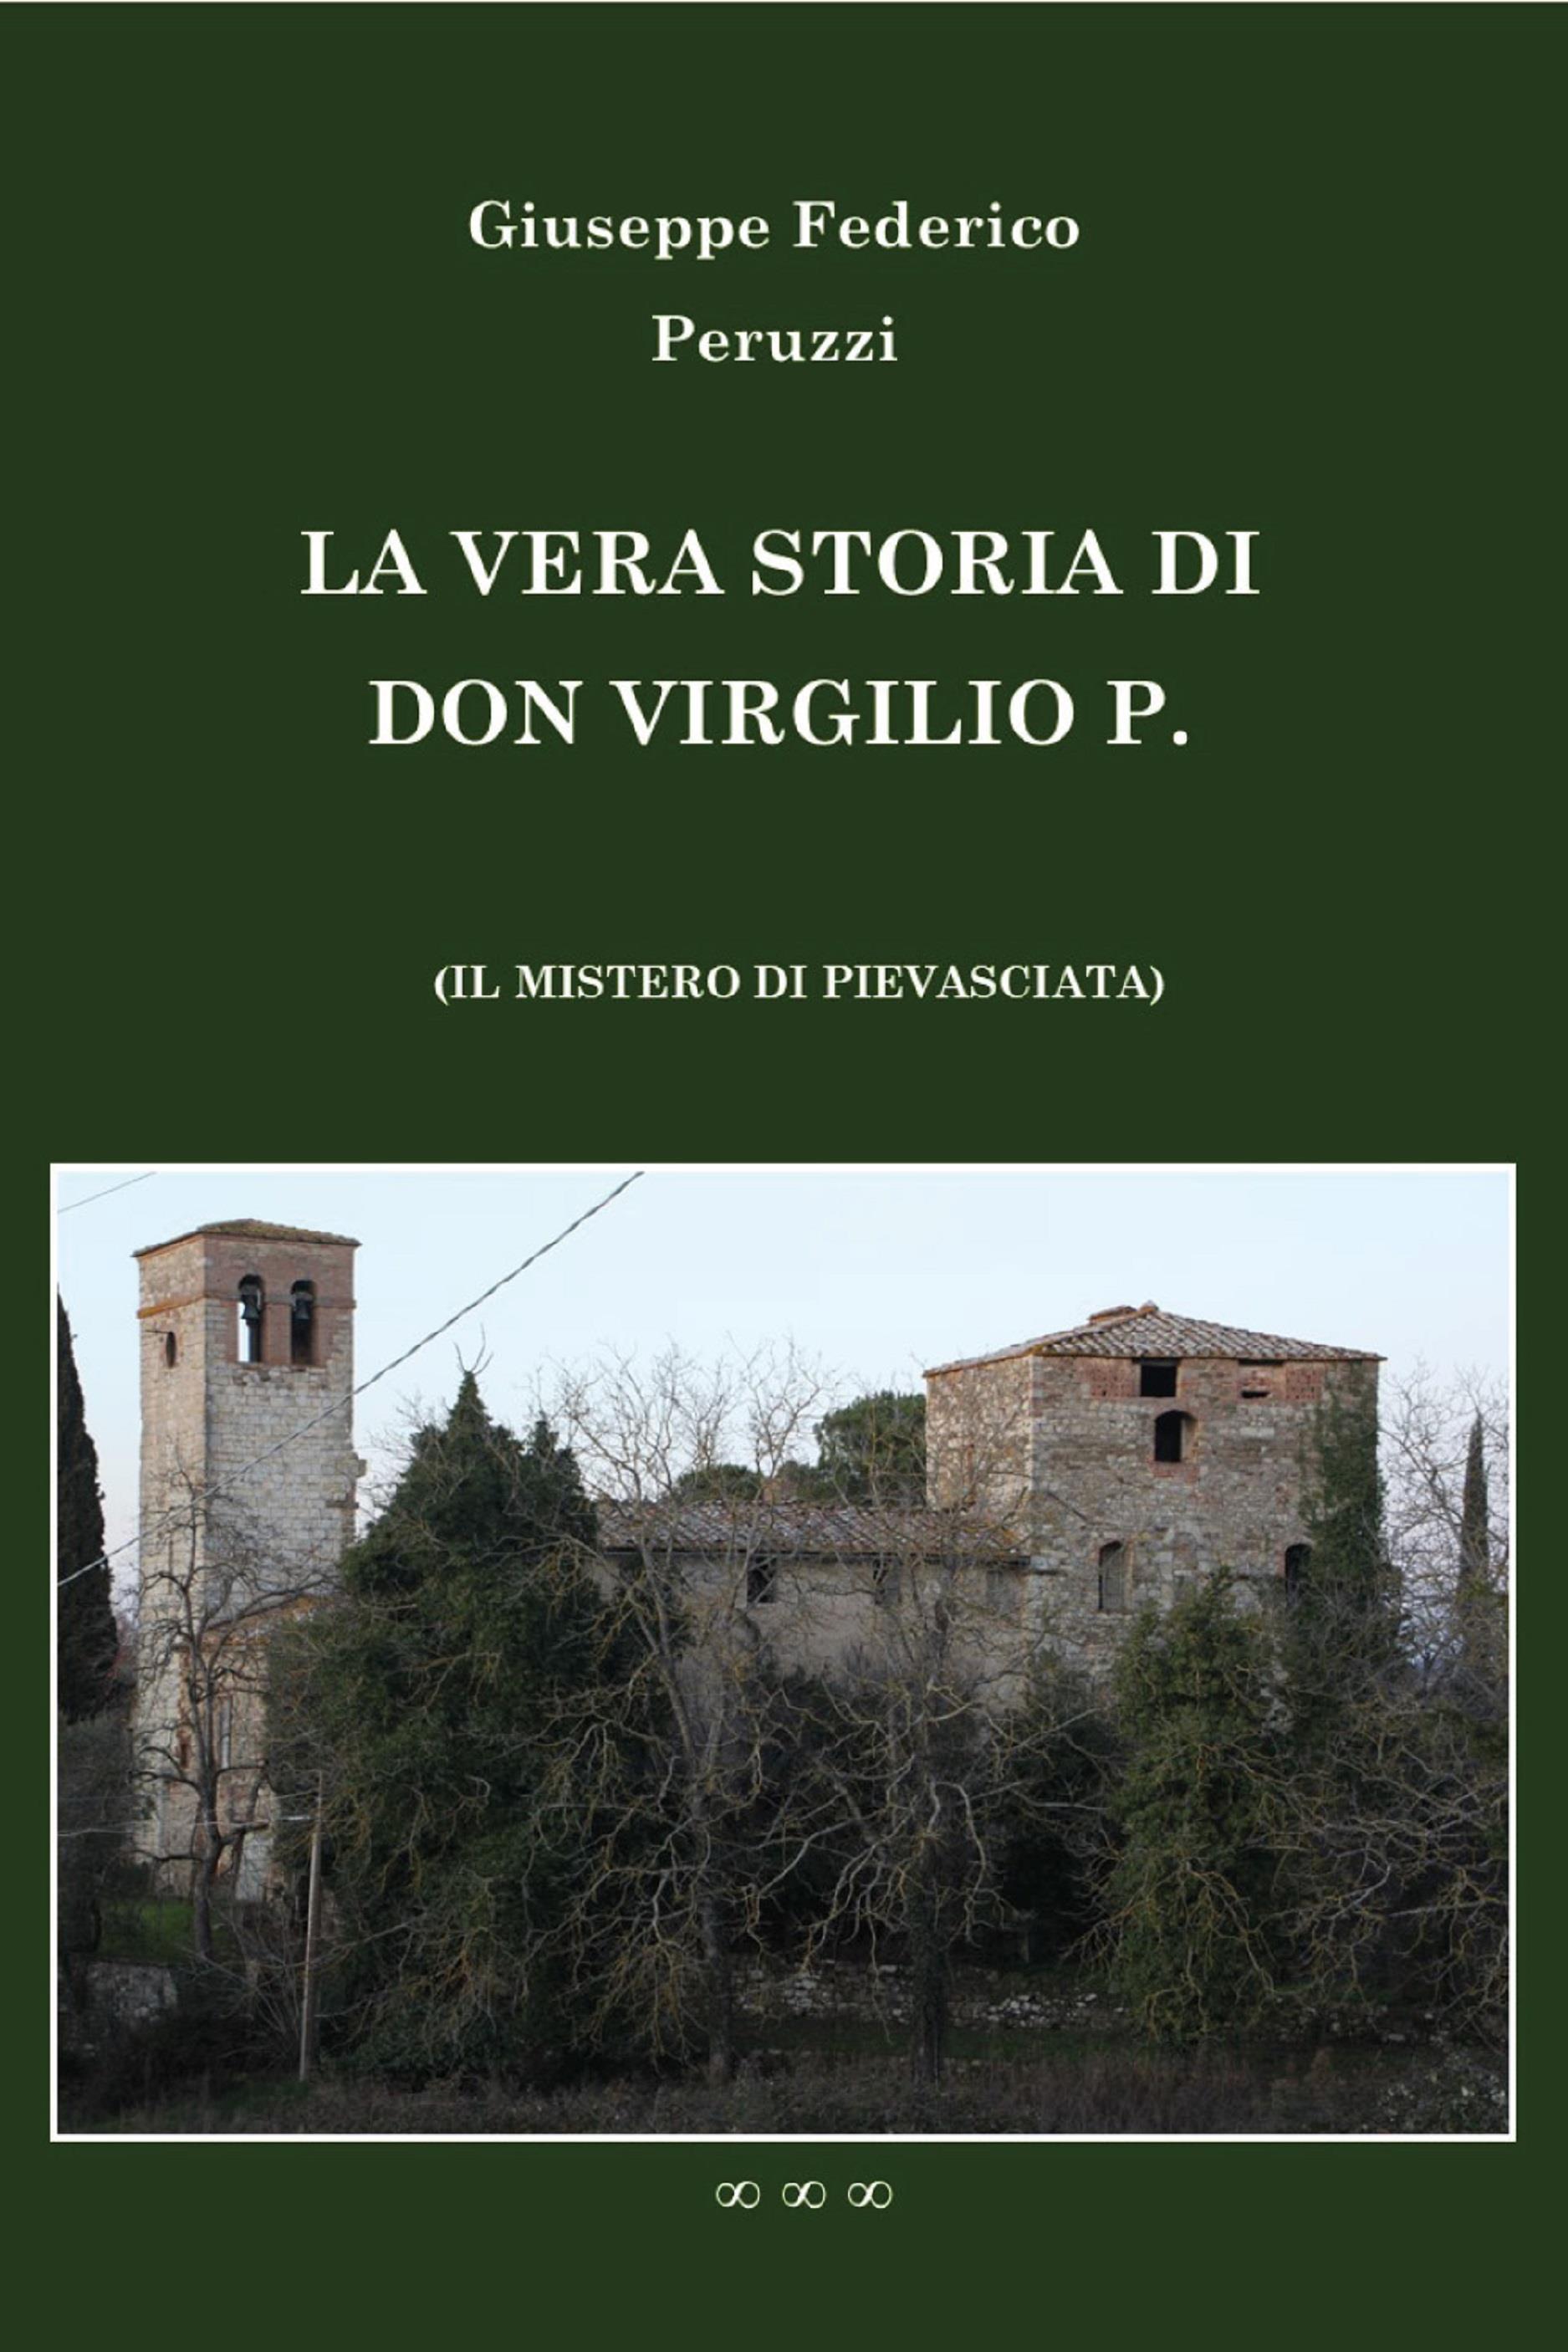 La vera storia di don Virgilio P.